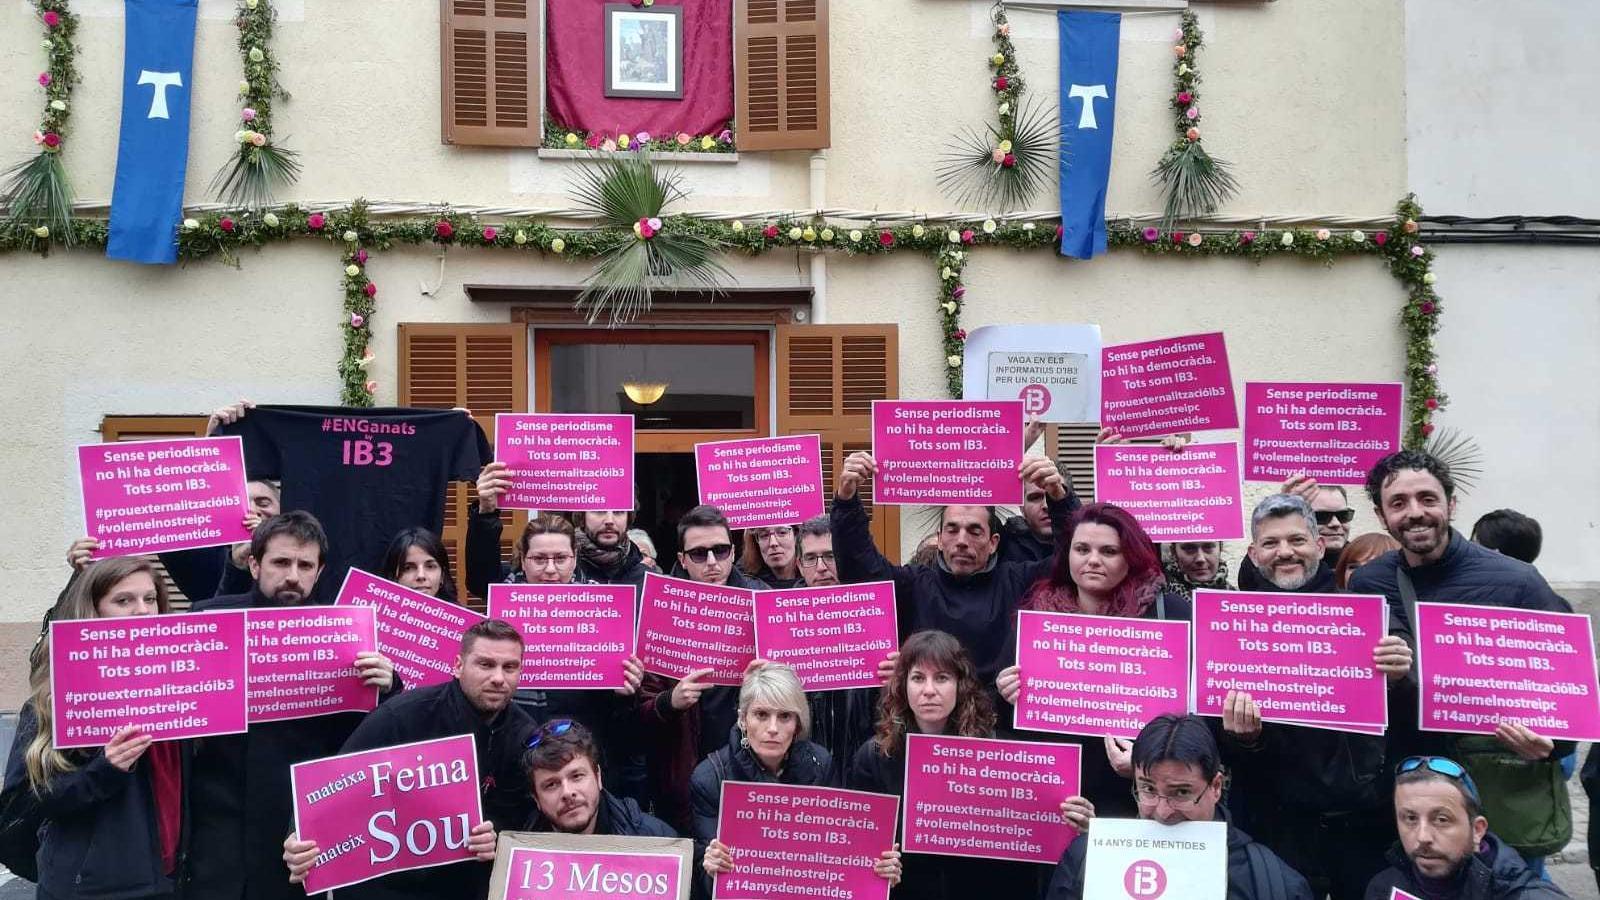 Treballadors d'IB3 reivindiquen els seus drets laborals a la festa de Sant Antoni de Manacor.